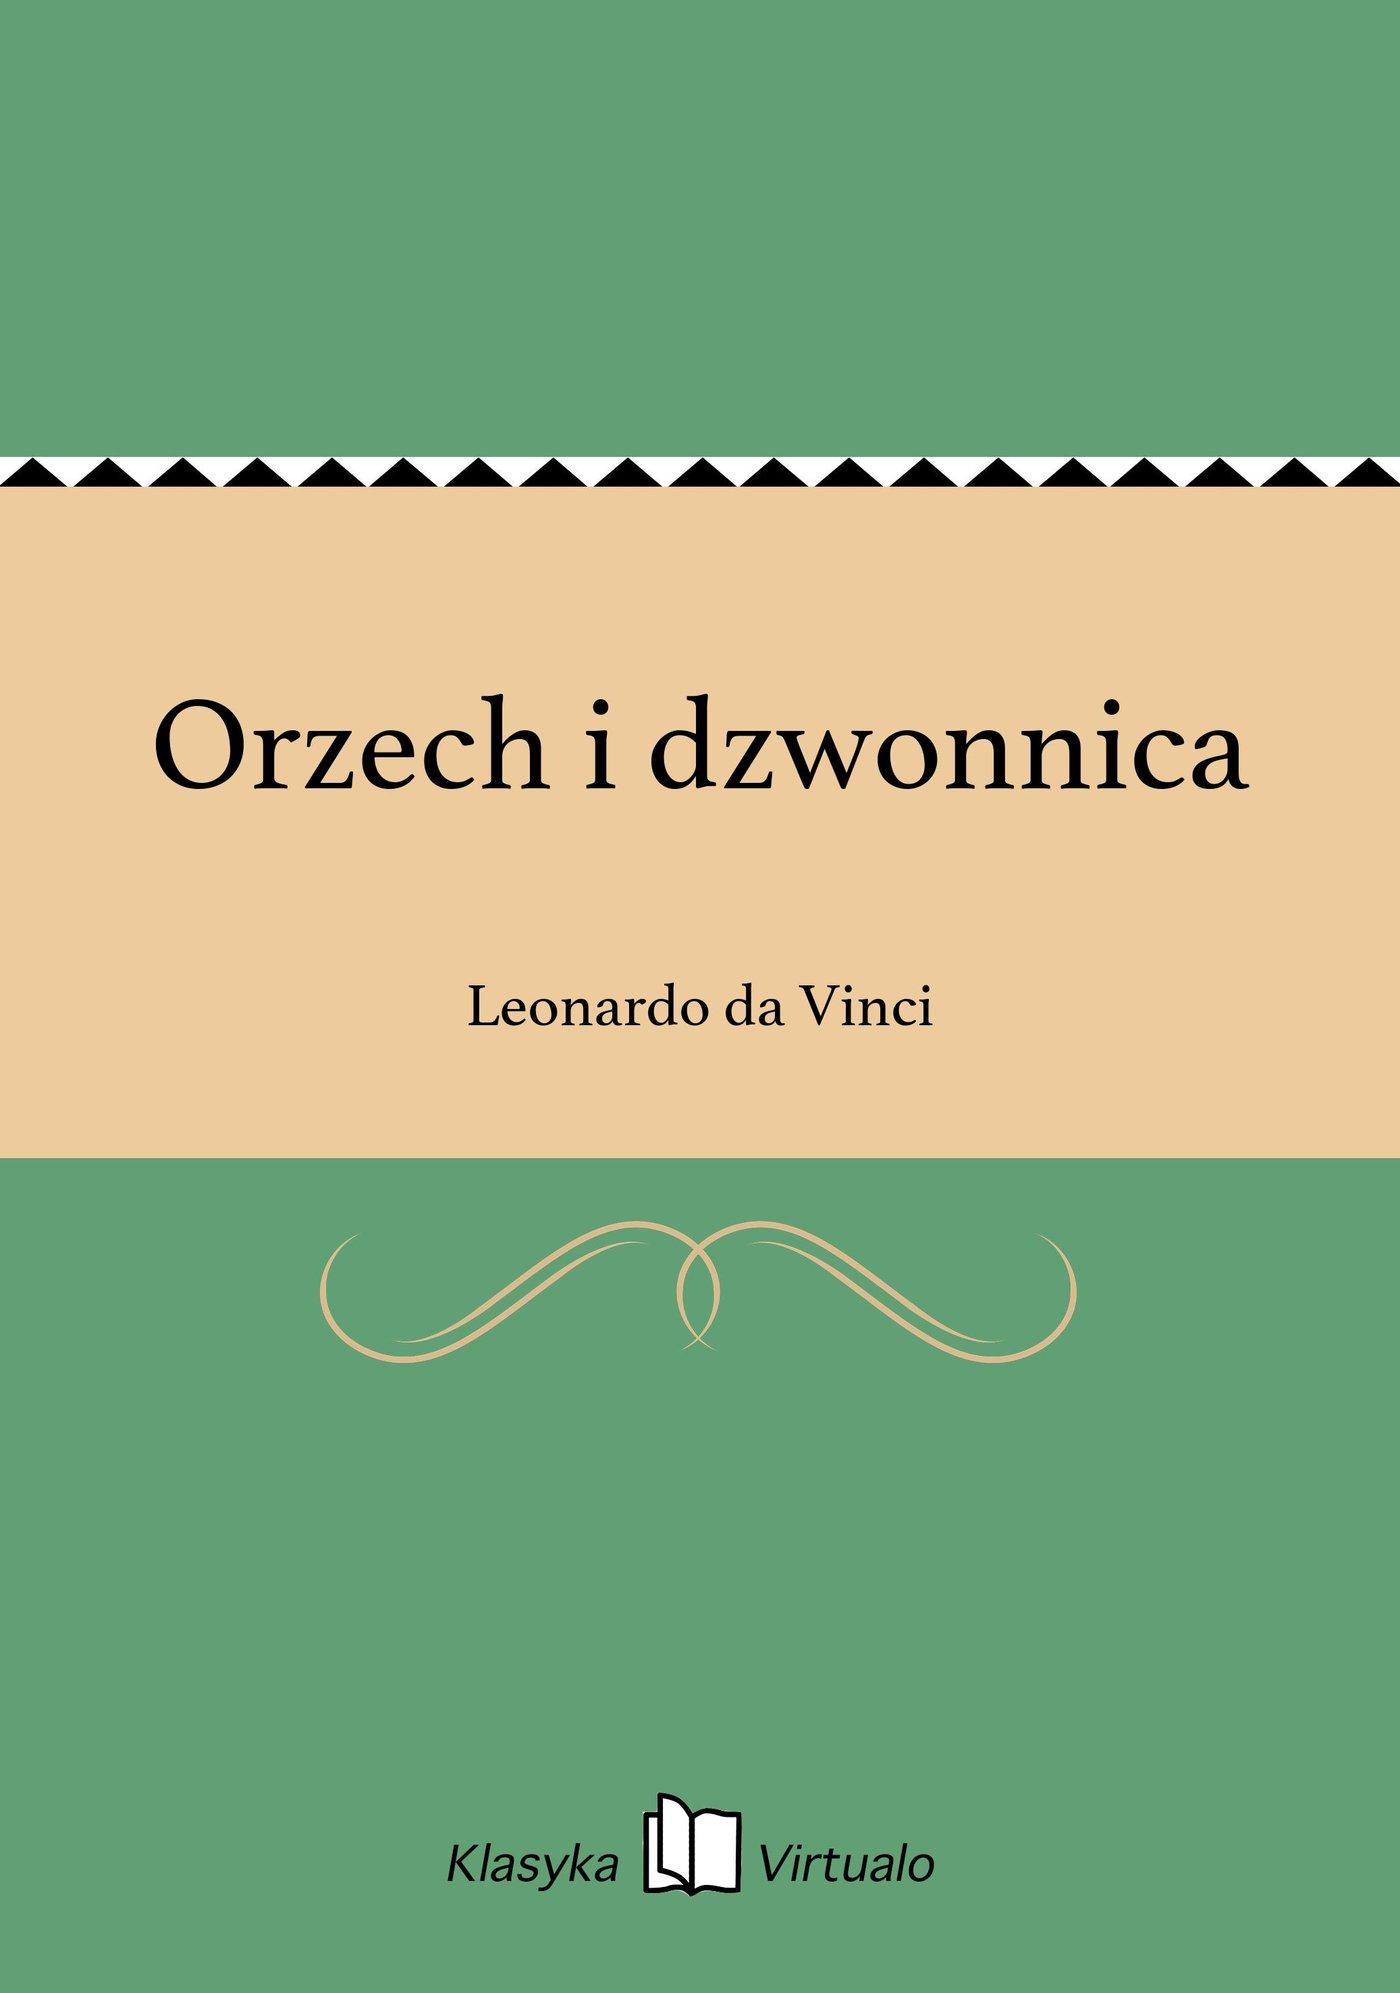 Orzech i dzwonnica - Ebook (Książka na Kindle) do pobrania w formacie MOBI